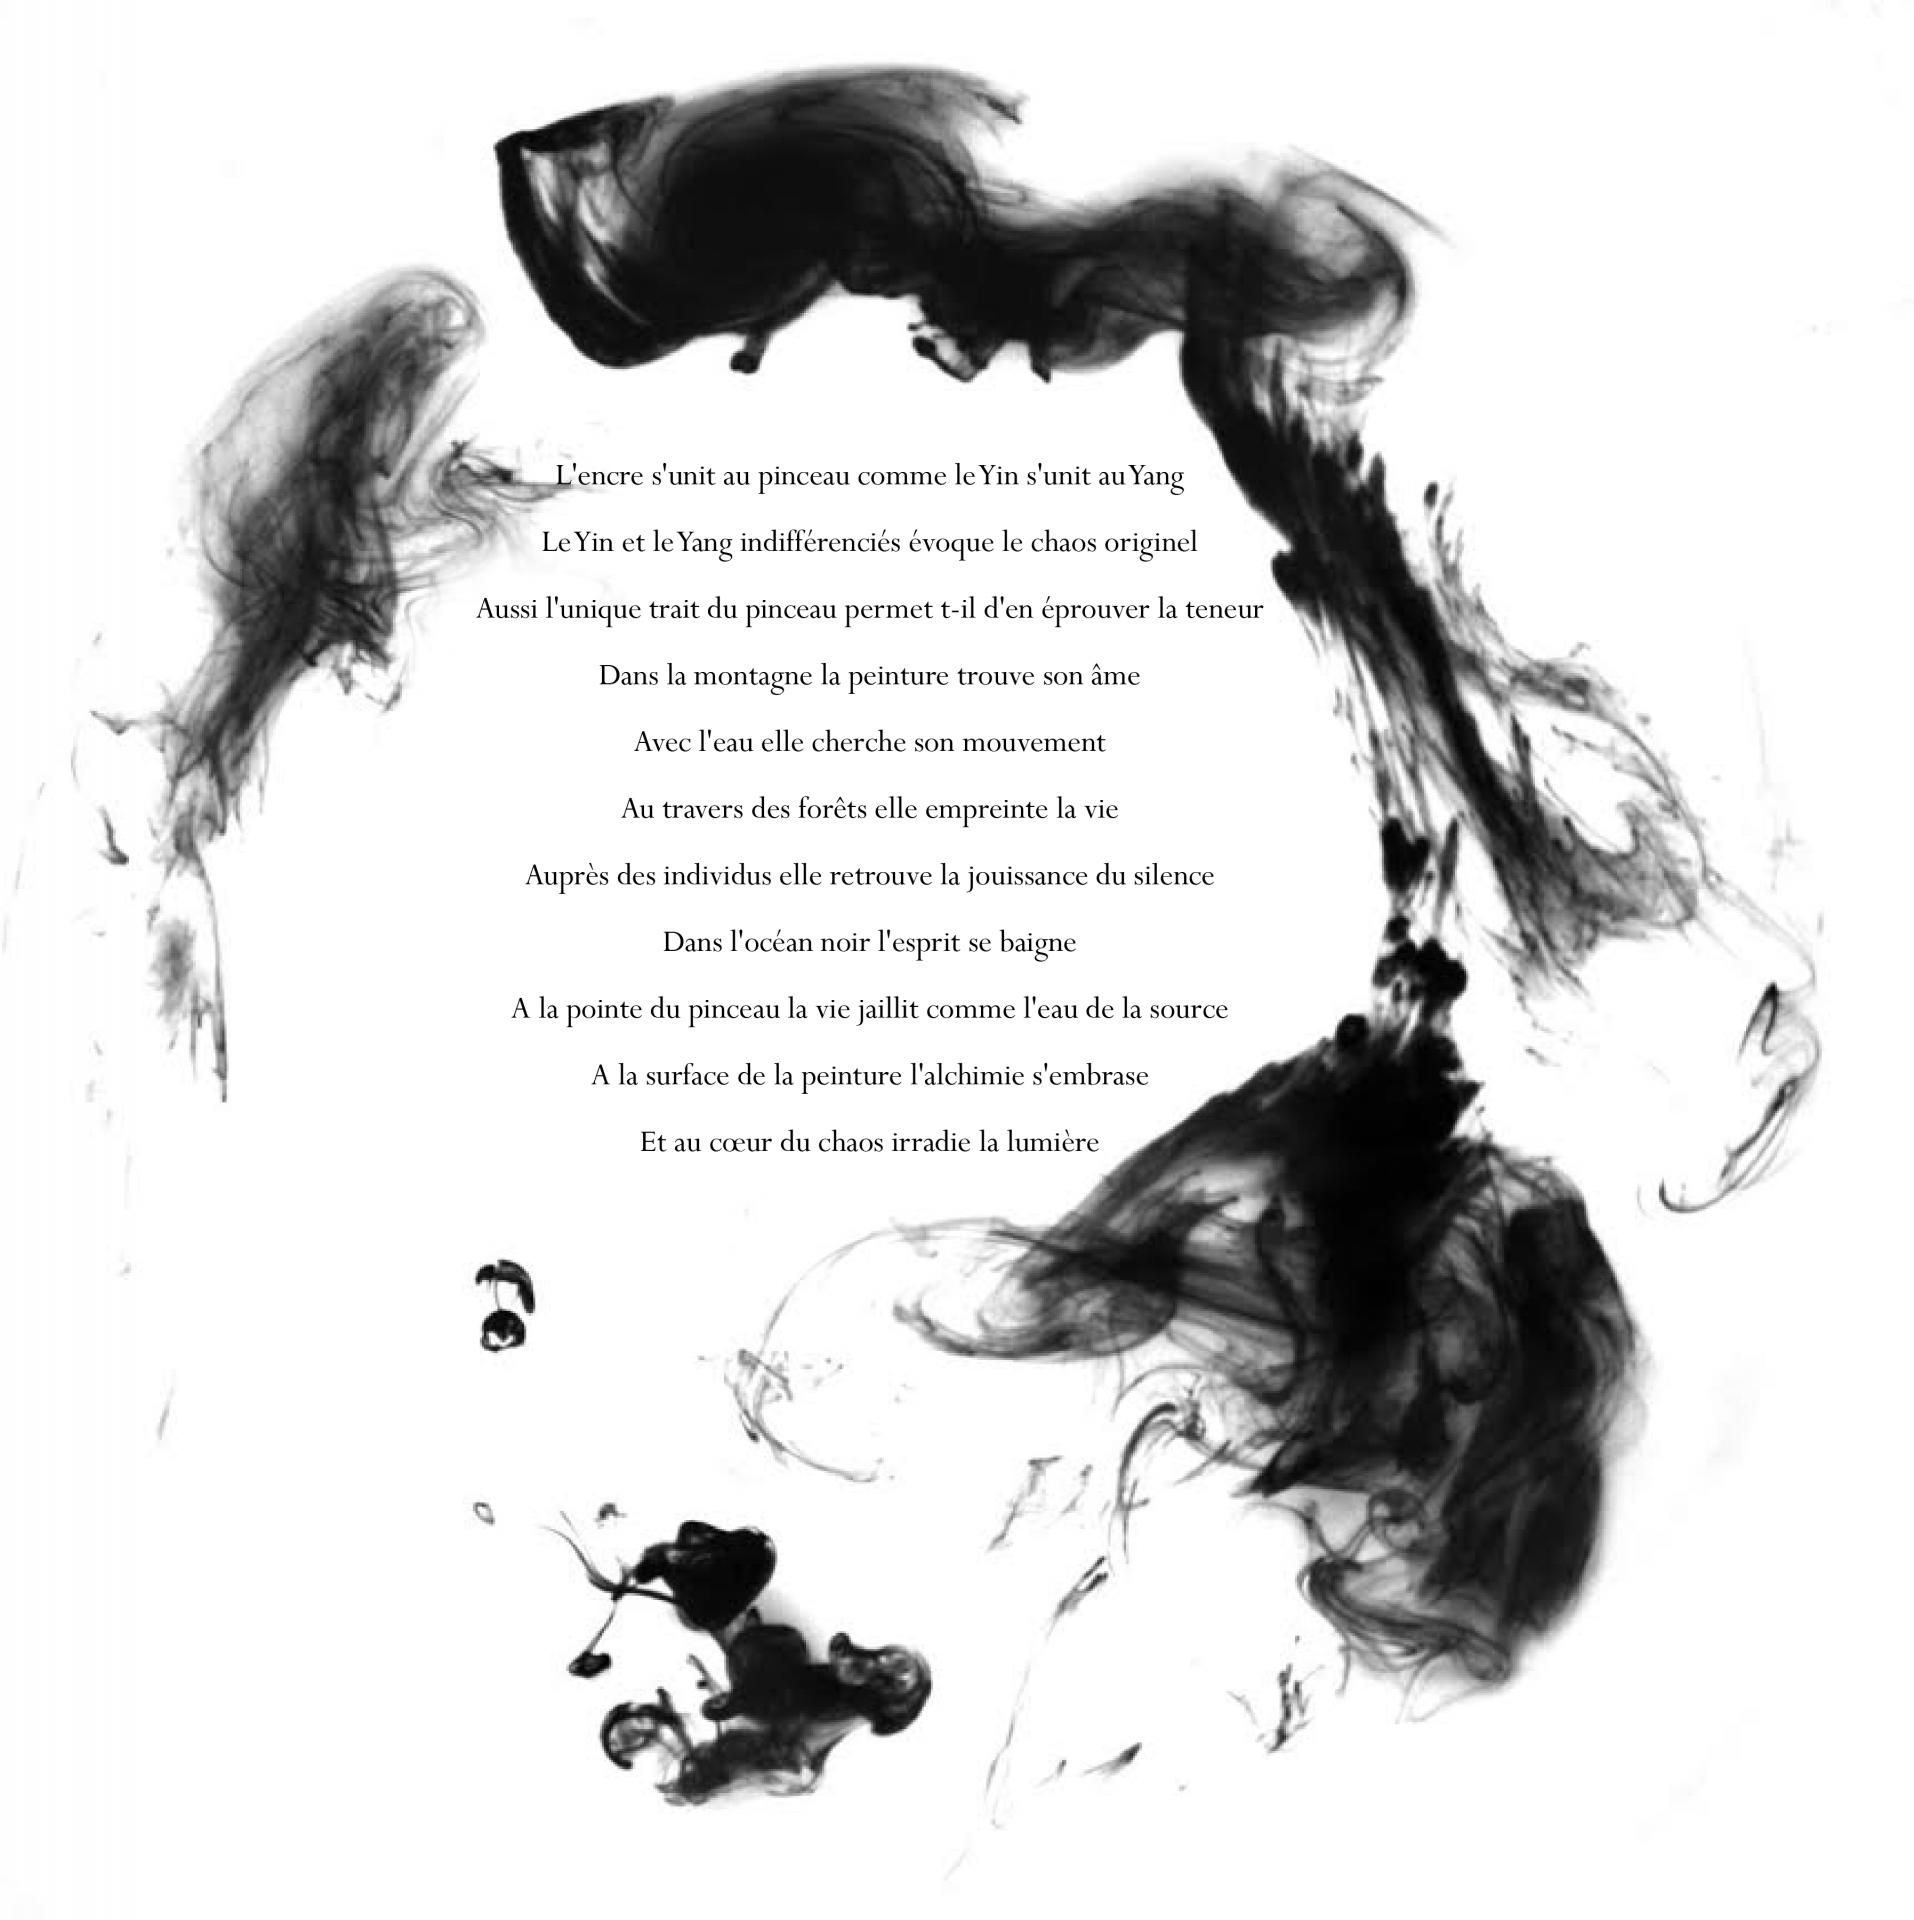 poeme yin yang